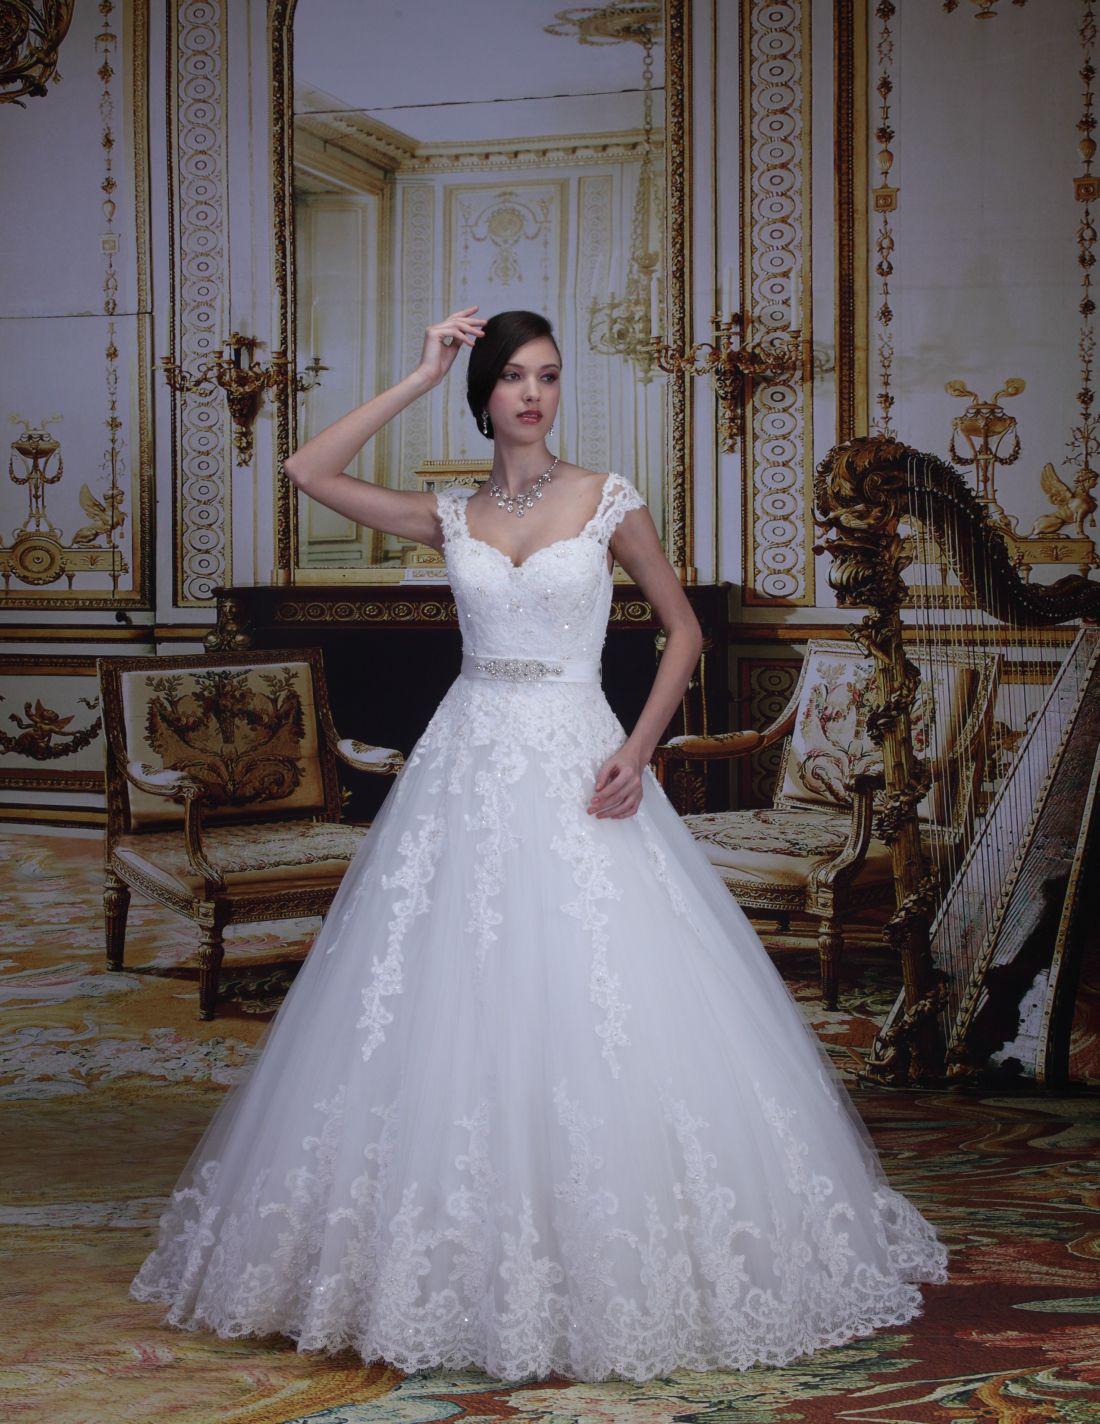 Collezione Da Spose Sposa Ve Mary Luino Venus Le Abiti By Di wPn80OkX